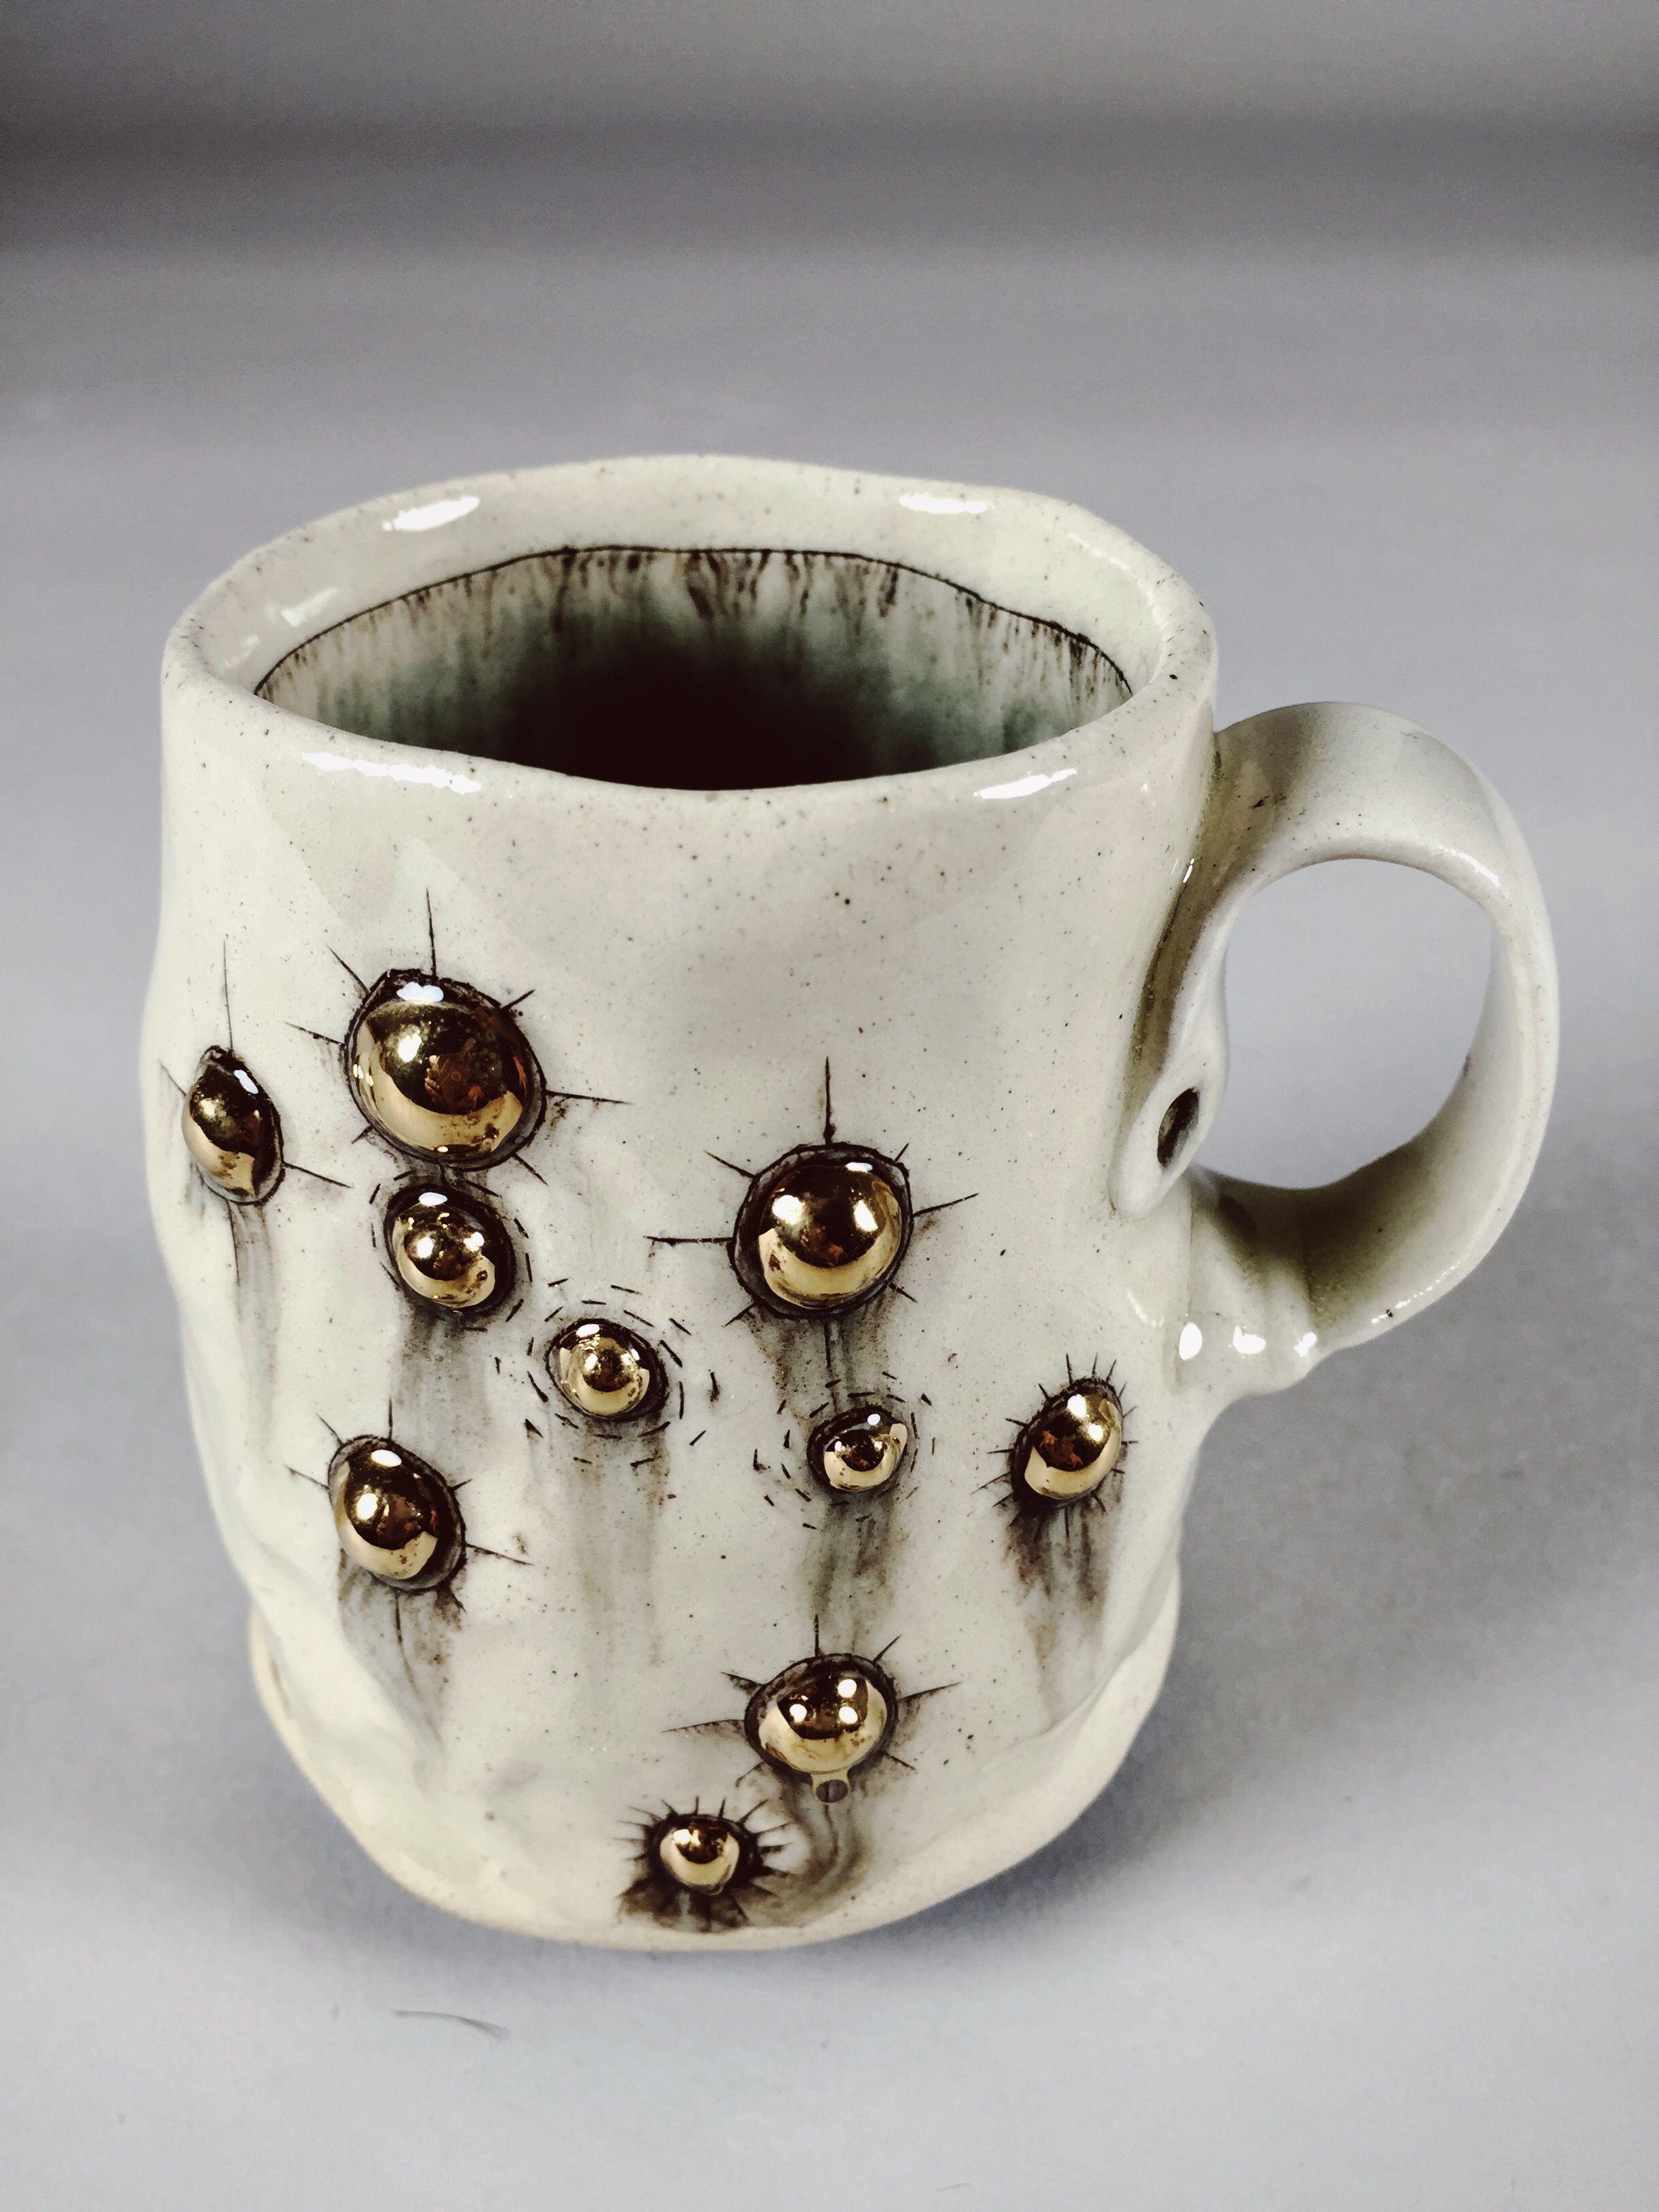 3885d154dfd ashley.e.young ceramics constellation mug IG: ashleyeyoung #handmade # ceramics